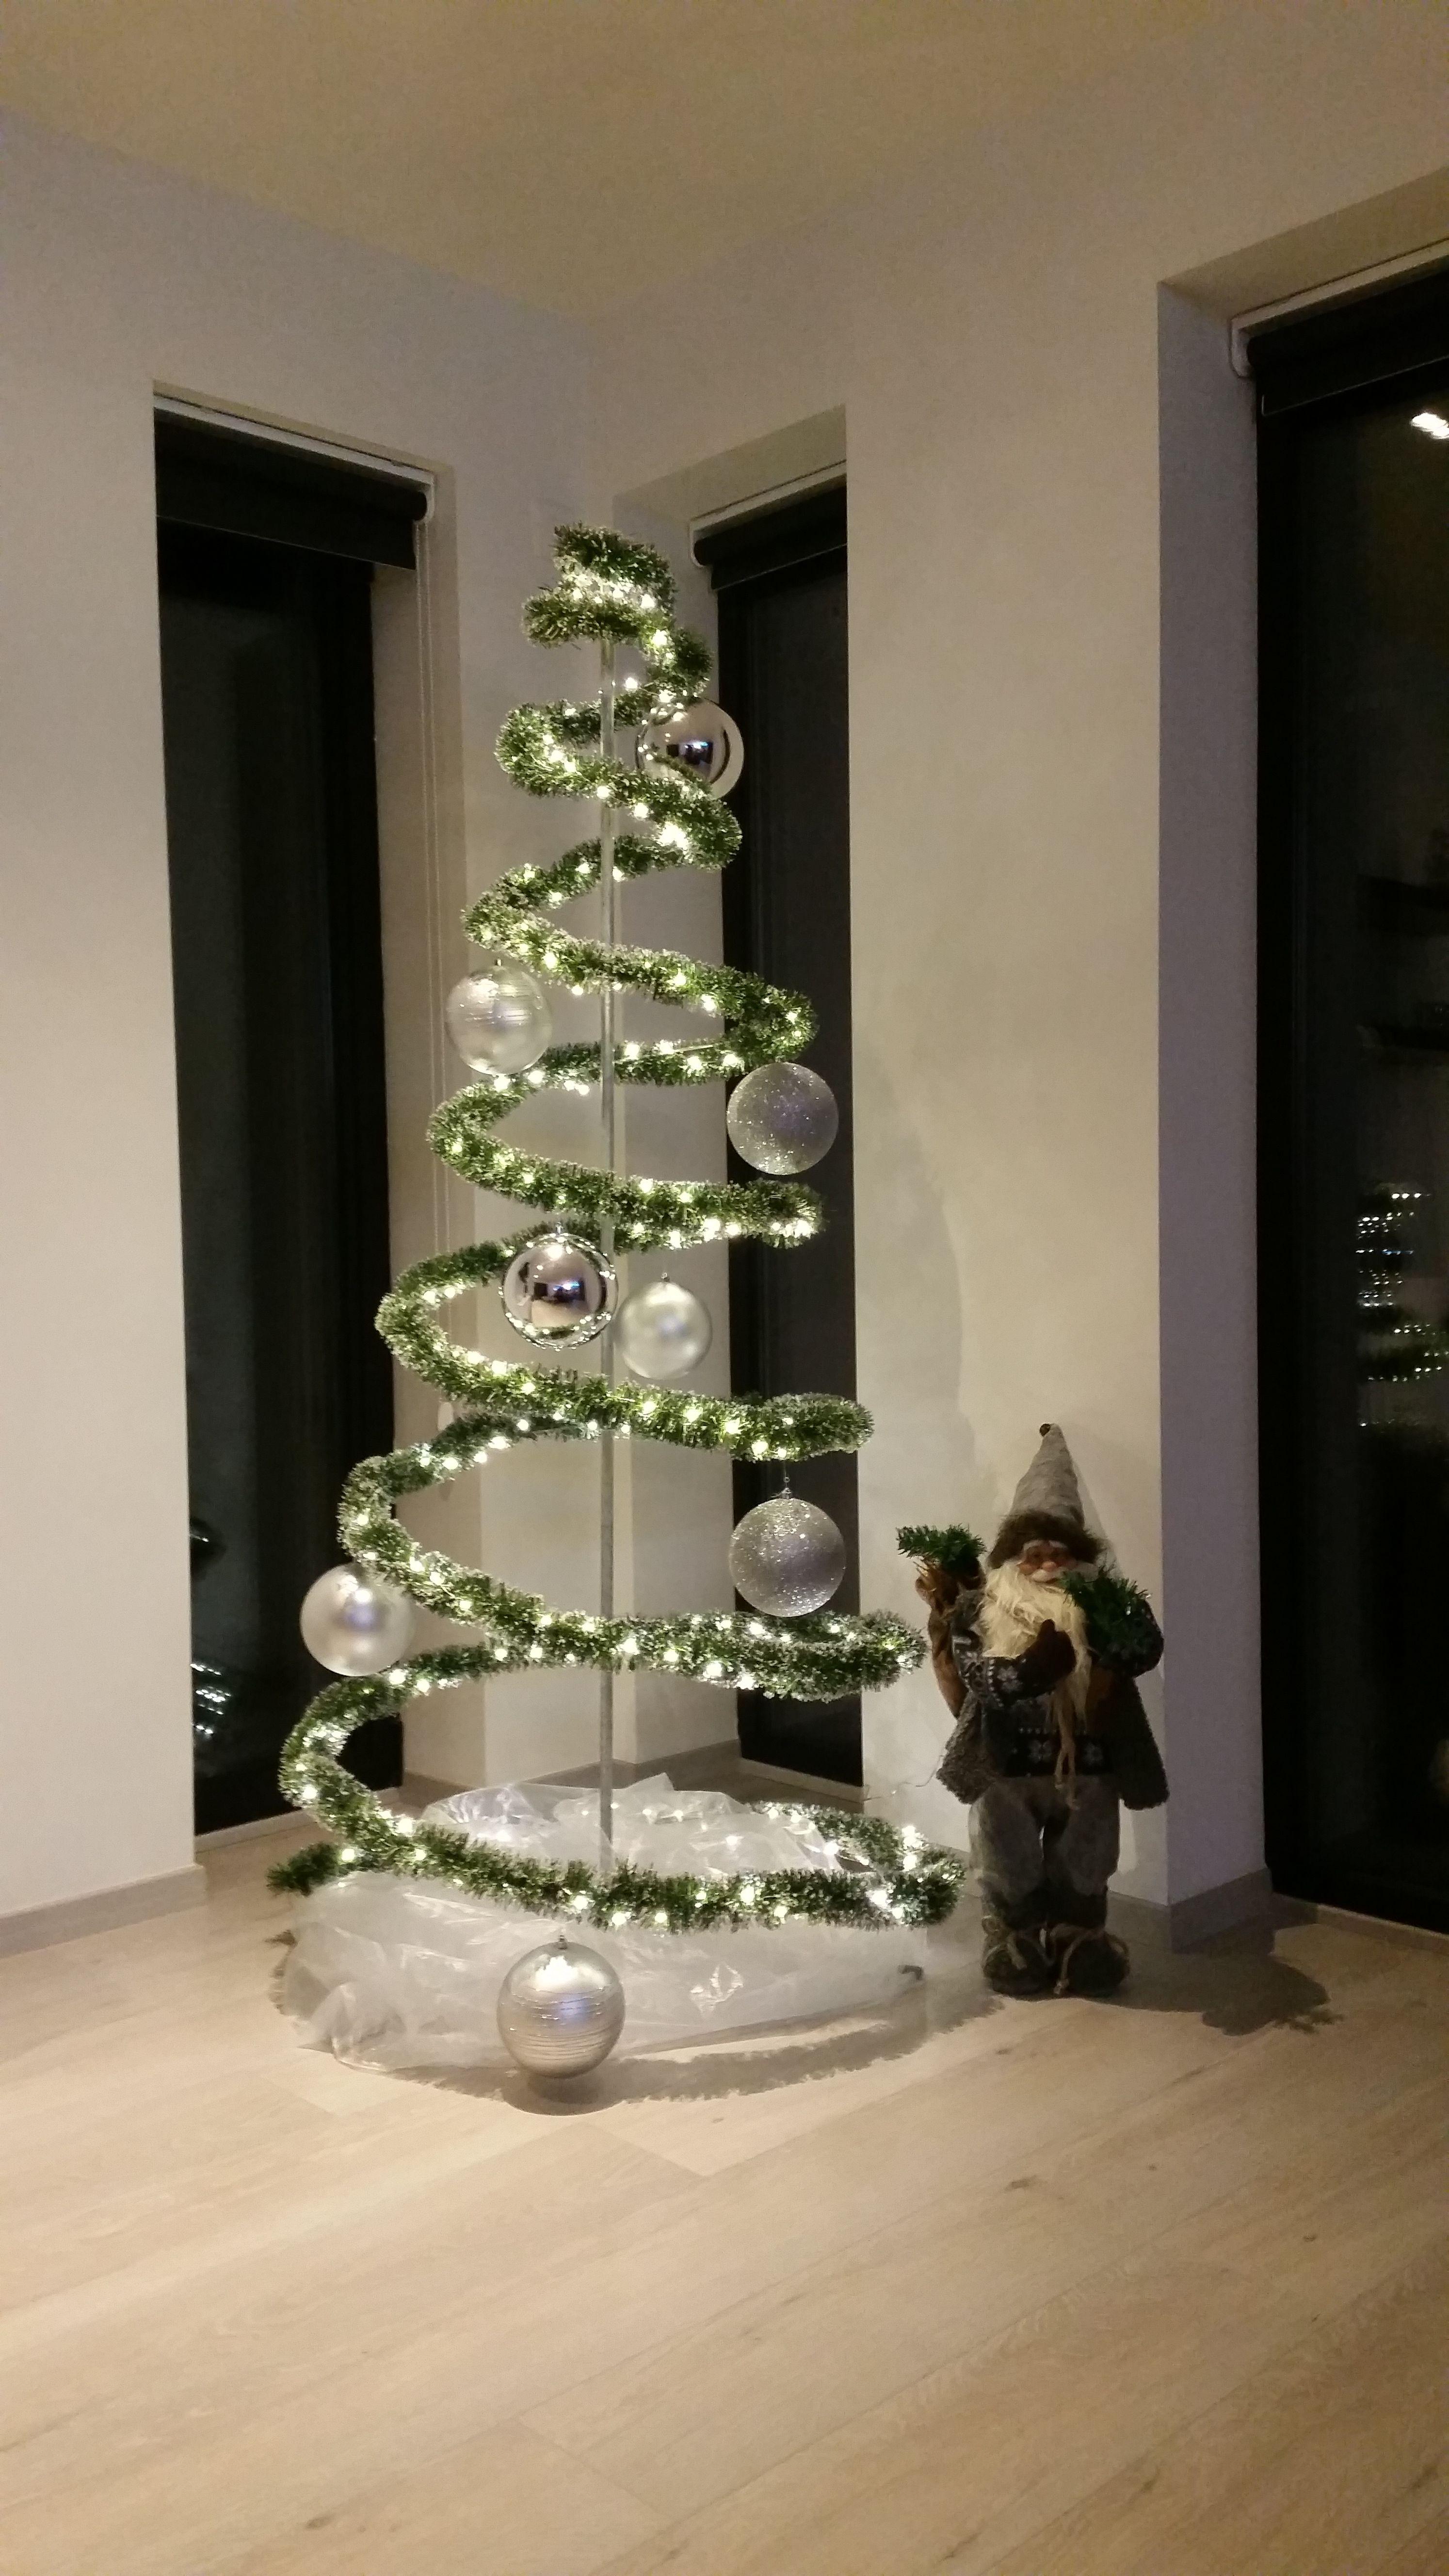 Weihnachtsbaum Drahtgestell.Weihnachtsbaum Aus Drahtgestell Adventszeit Decoracion Navidad